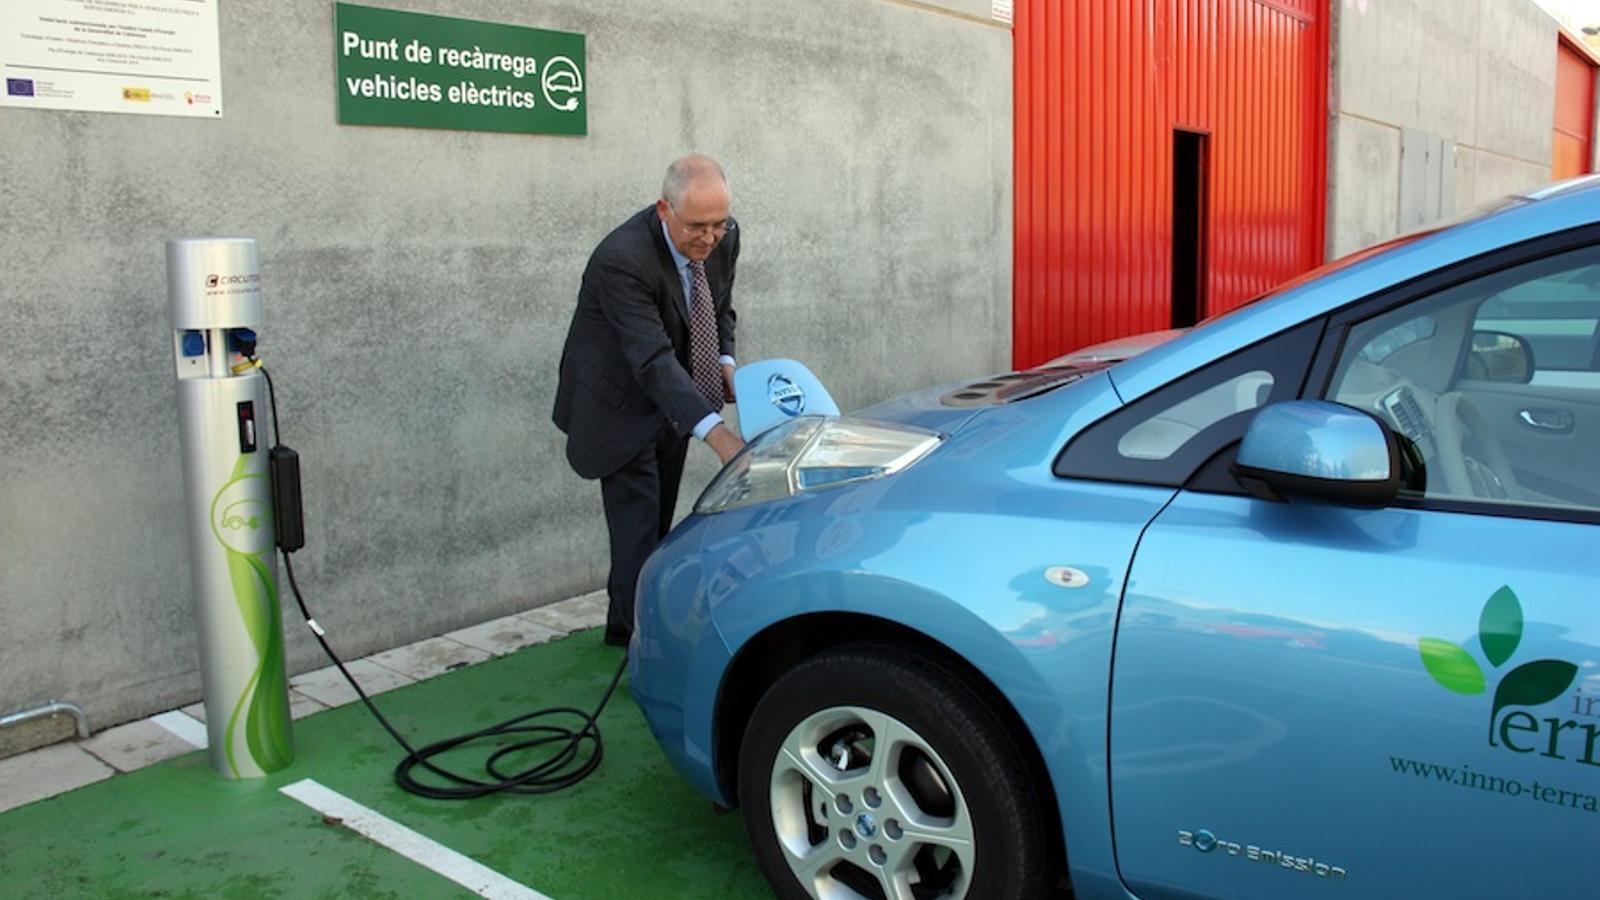 Un dels usuaris carrega el seu vehicle elèctric al punt de recàrrega de Sofos / ACN